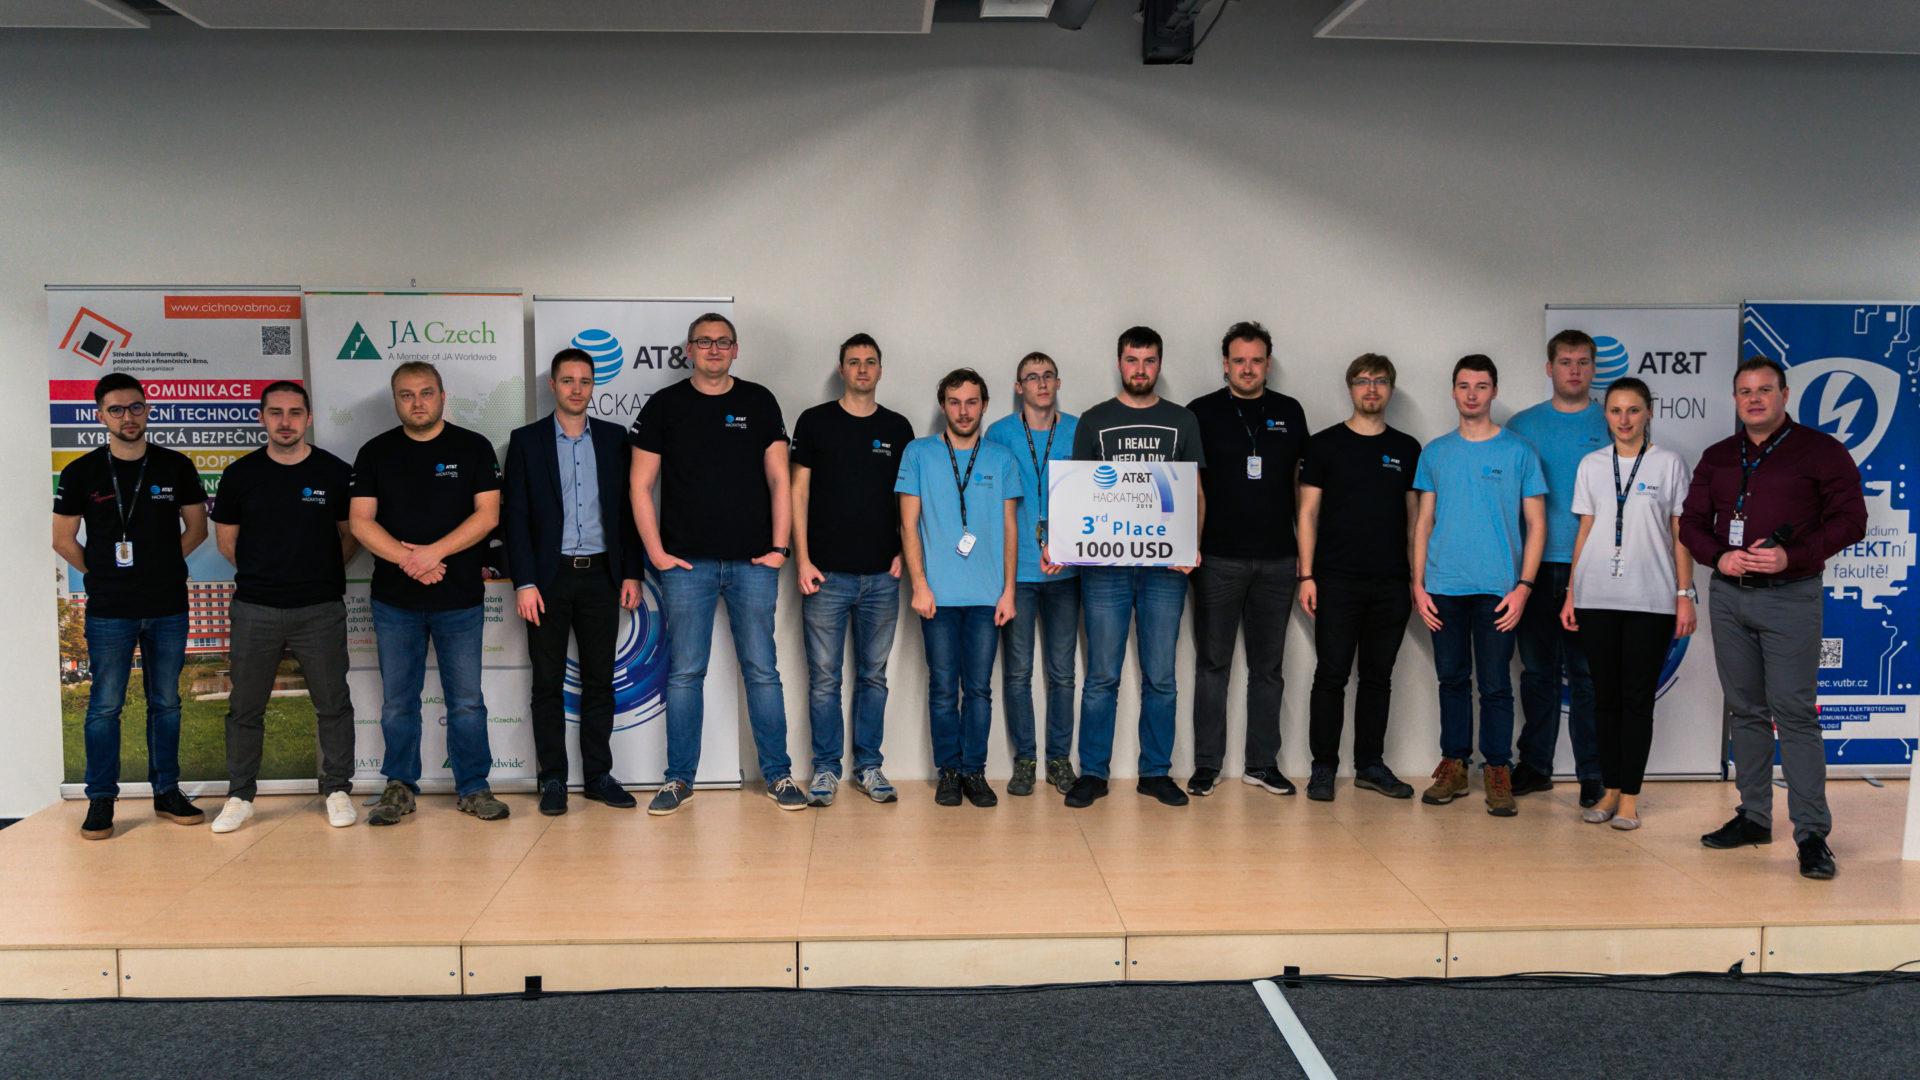 """AT&T Hackathon 2019, Brno Czech Republic, 3rd place """"Ústřední topení"""" team"""